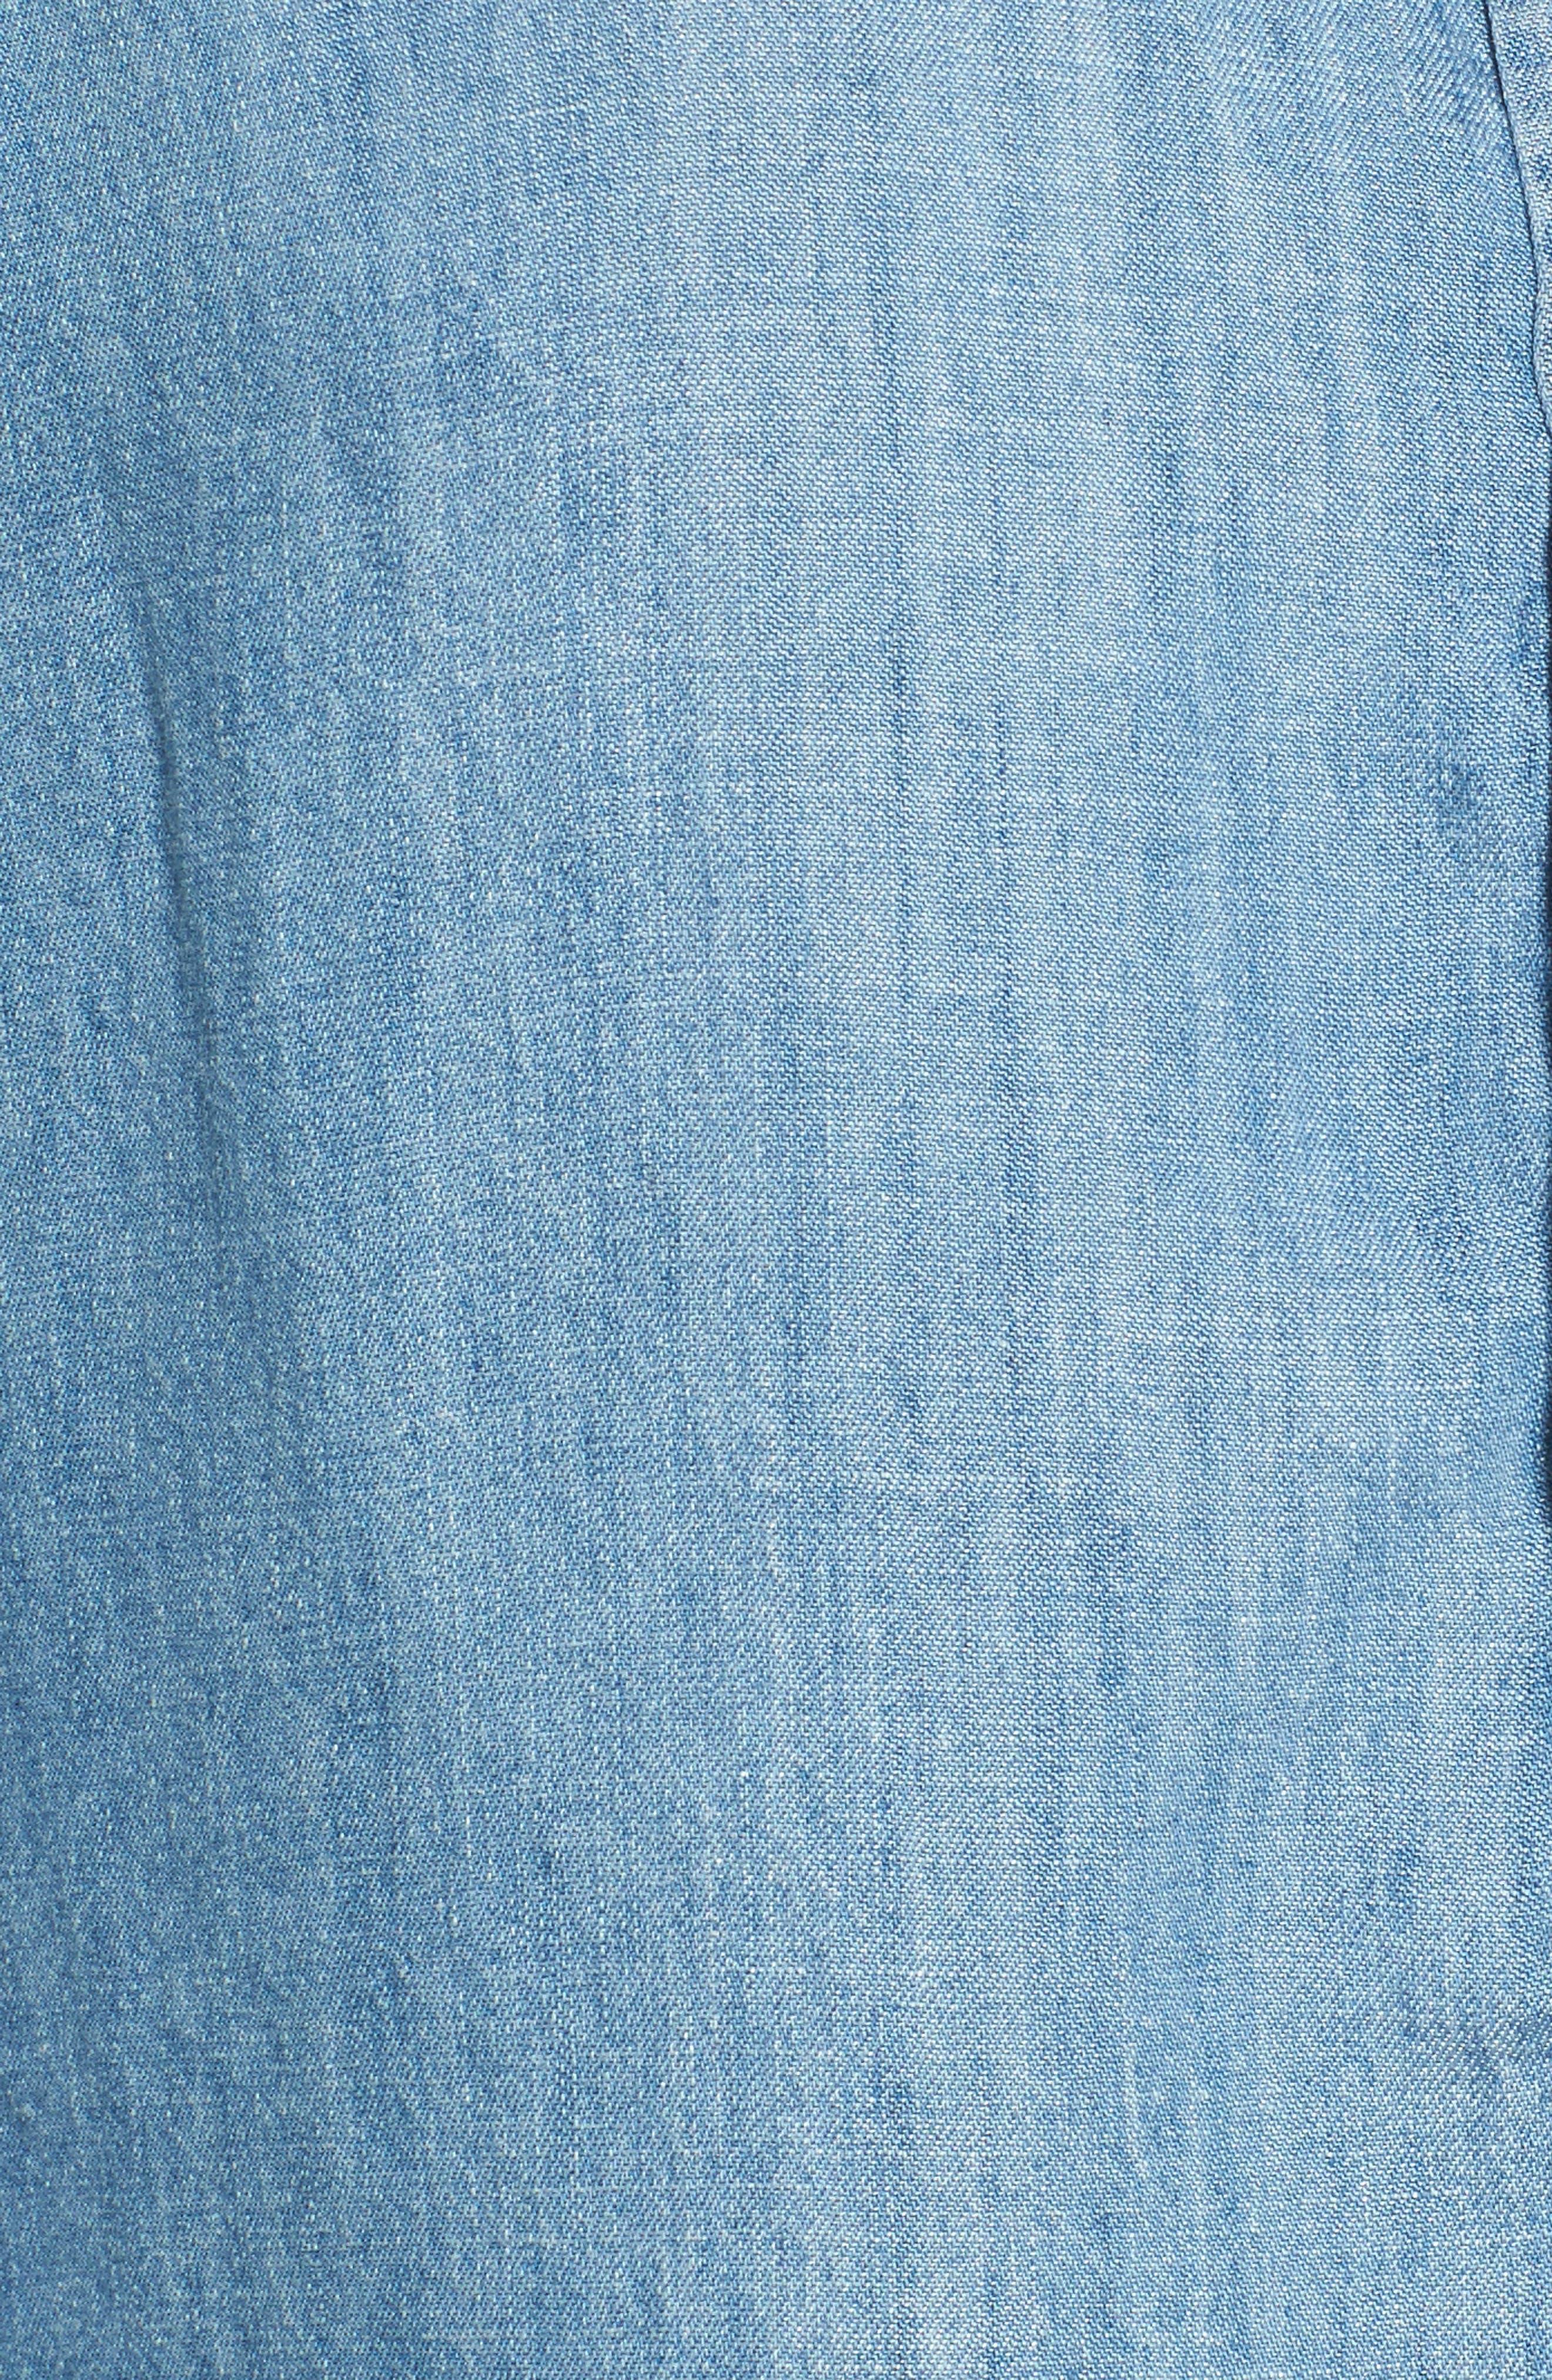 Grommet Chambray Shirt,                             Alternate thumbnail 5, color,                             493